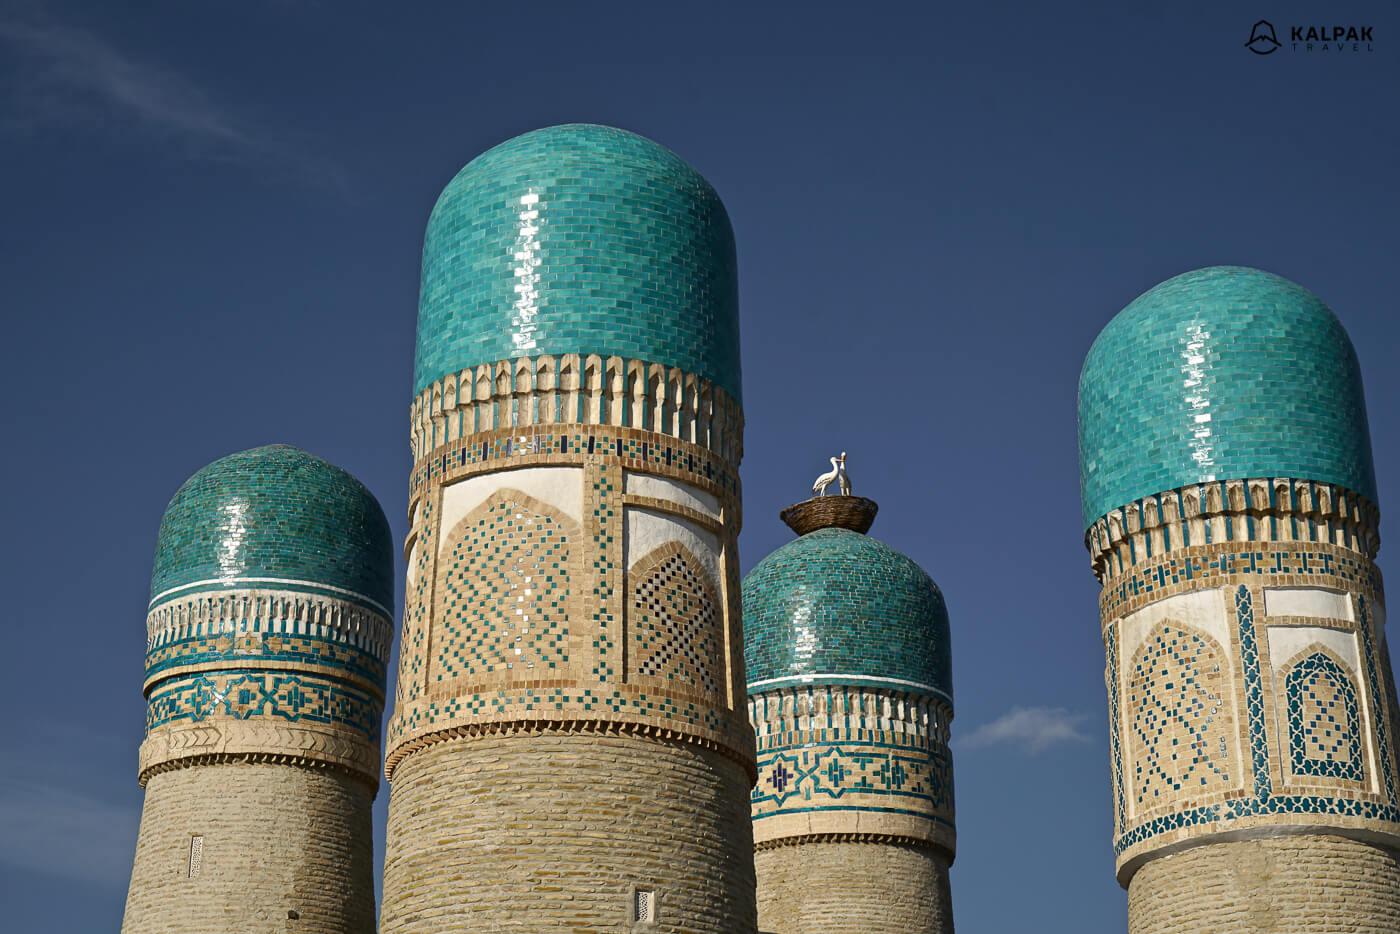 Tschor Minor moschee mit 4 Türme in Buchara